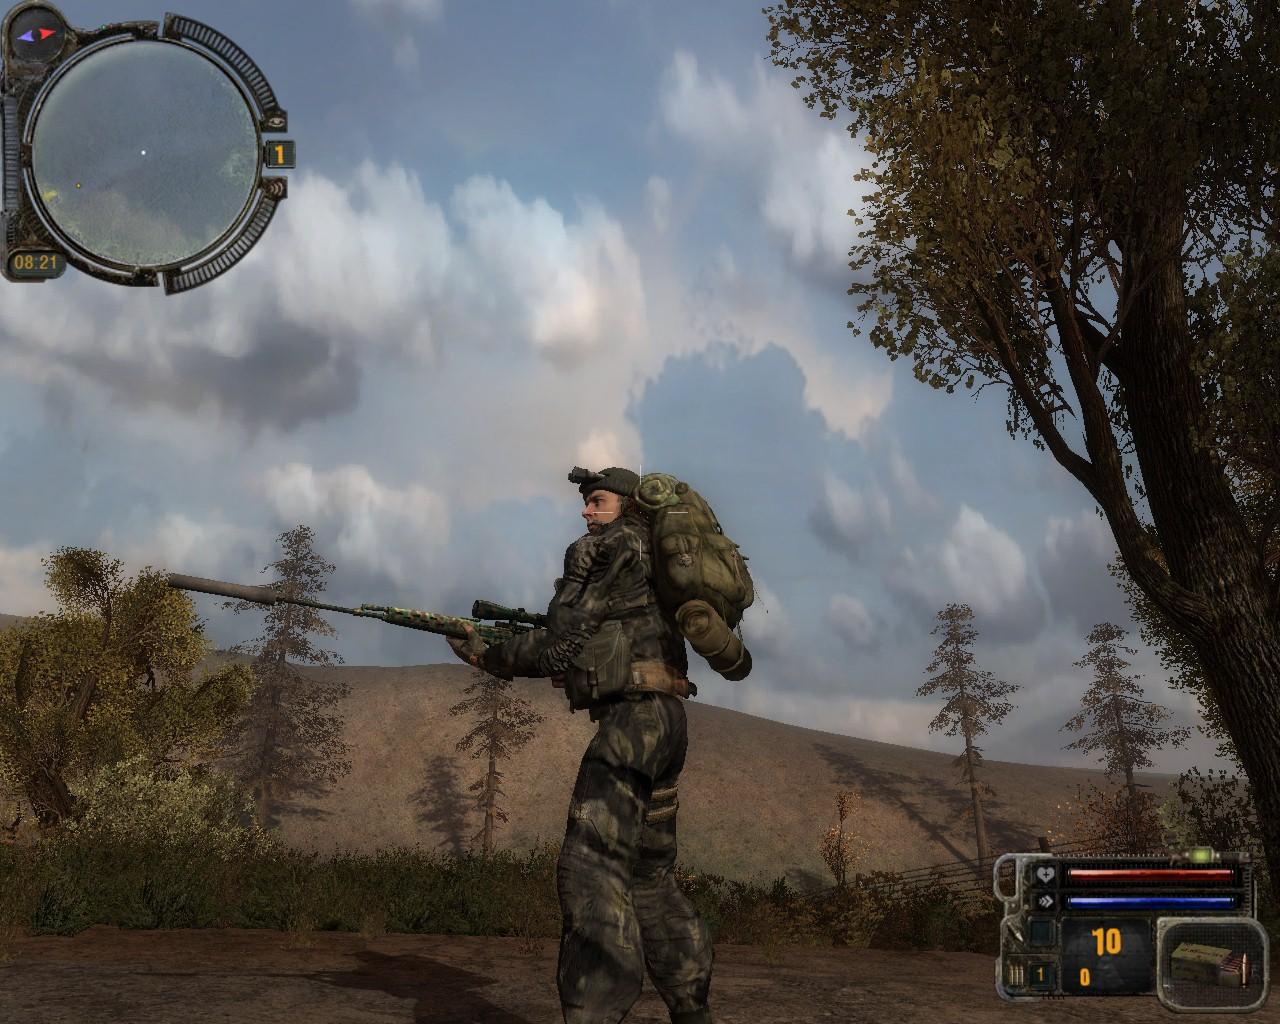 Сталкер Снайпер 2 скачать торрент бесплатно на ПК